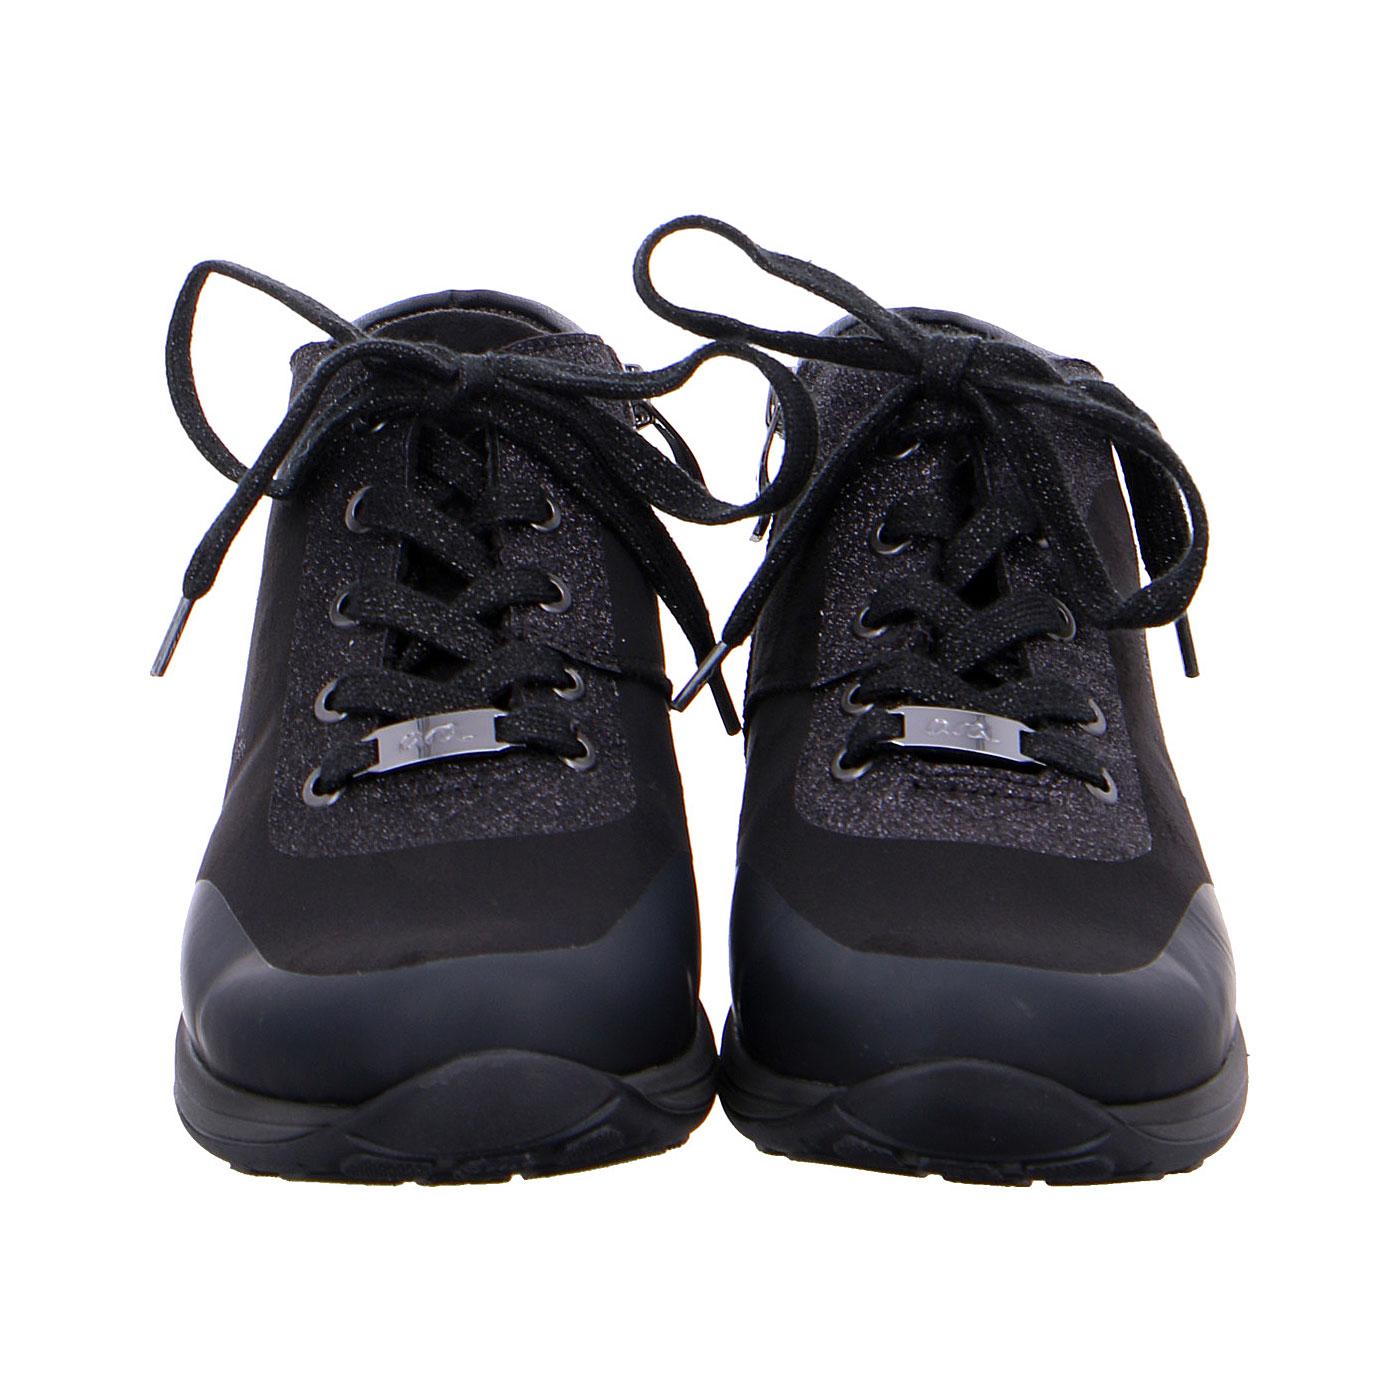 Дамски ежедневни високи спортни обувки от ест. кожа ara 12-44585-01 - снимка 6